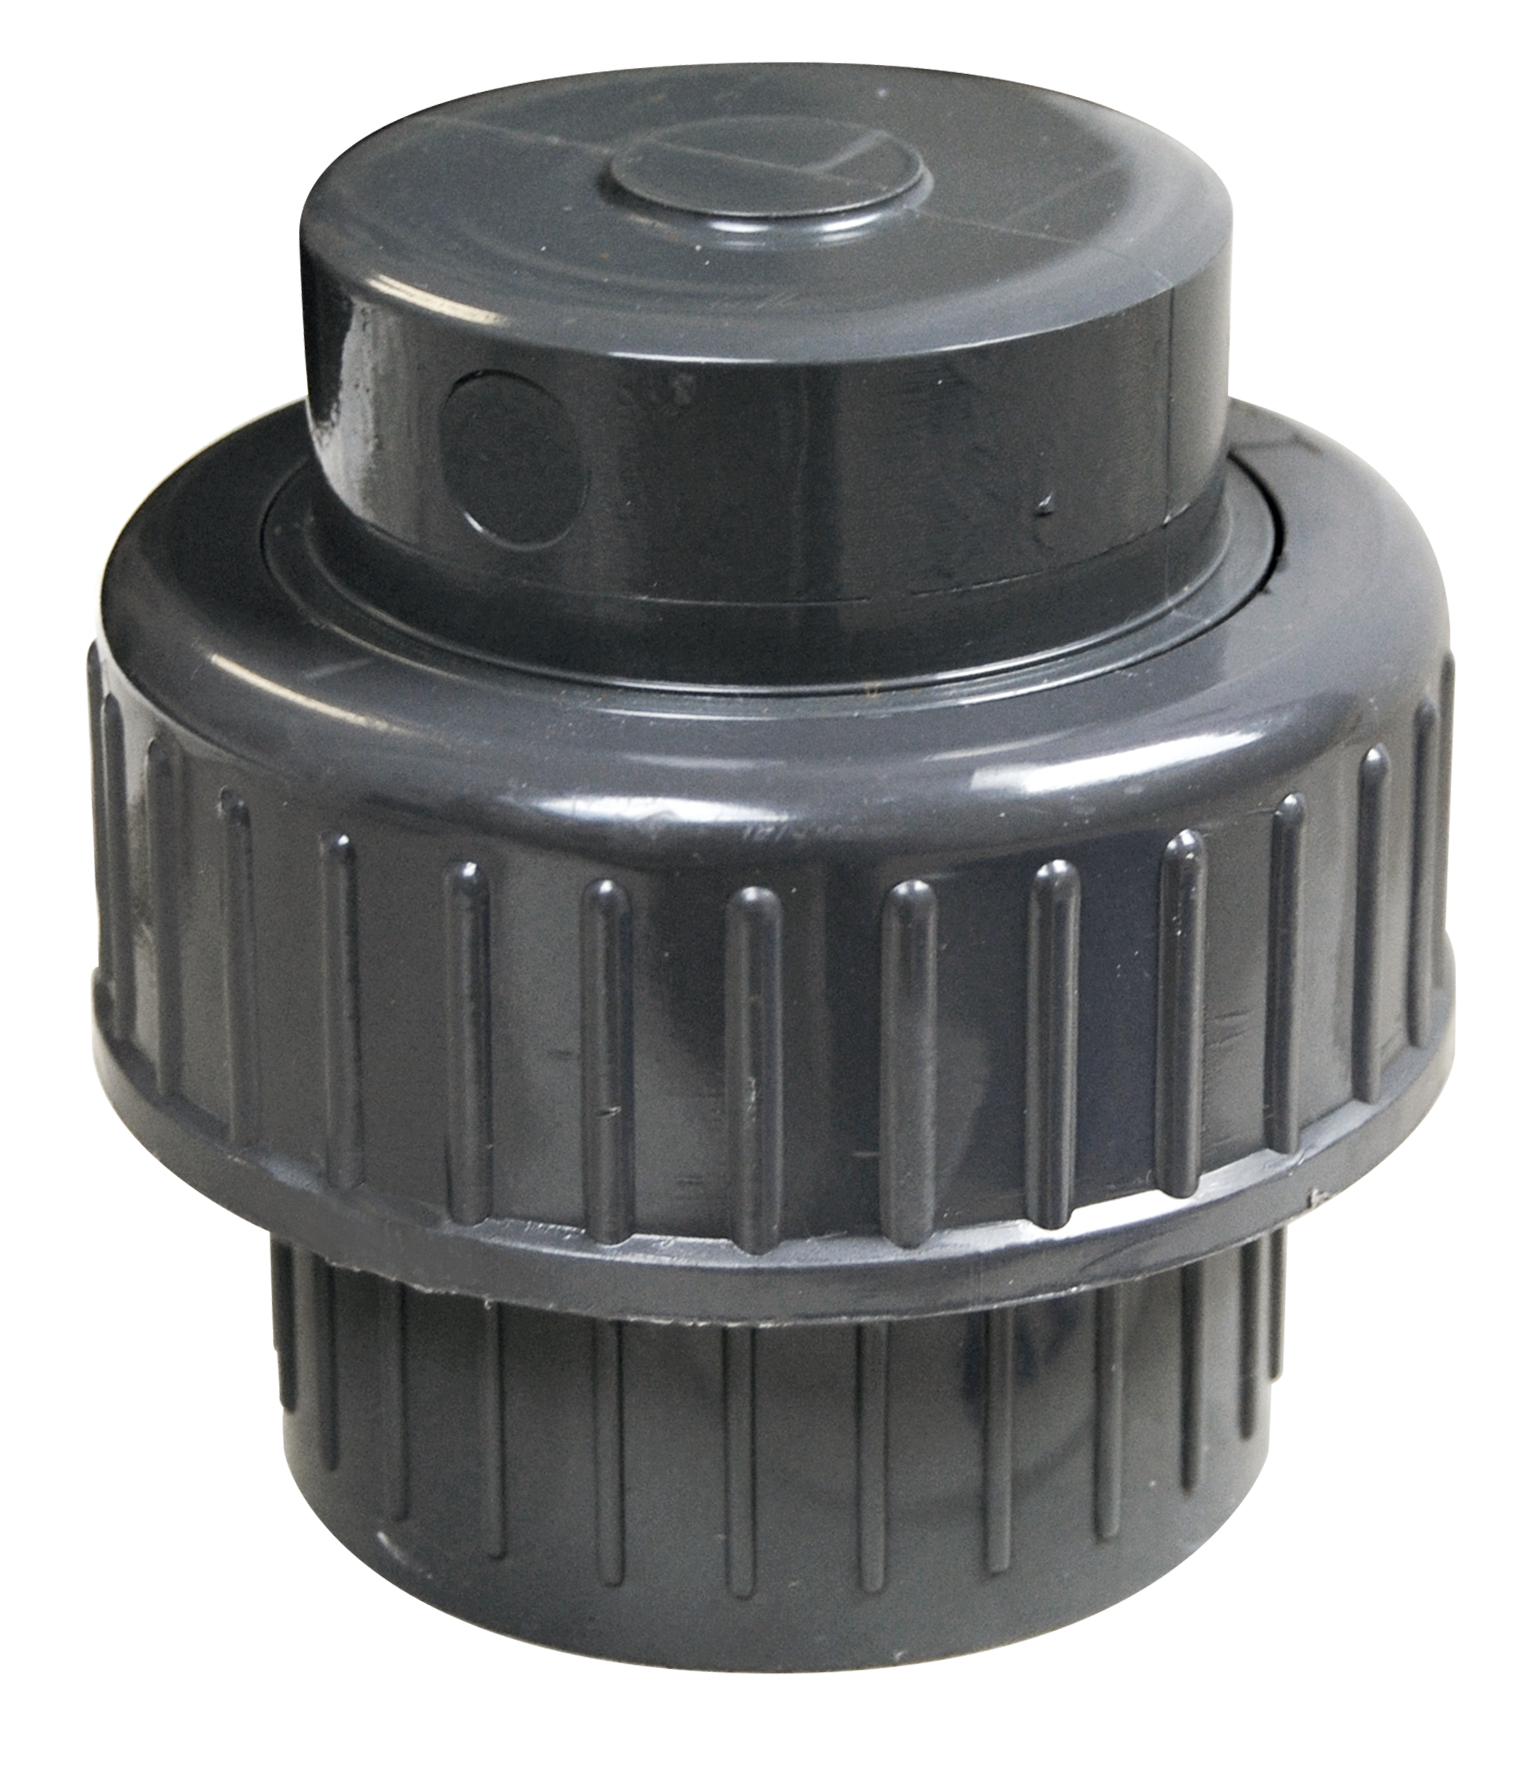 PVC-U bocchettone con tappo - EFFAST - 100% Made in Italy